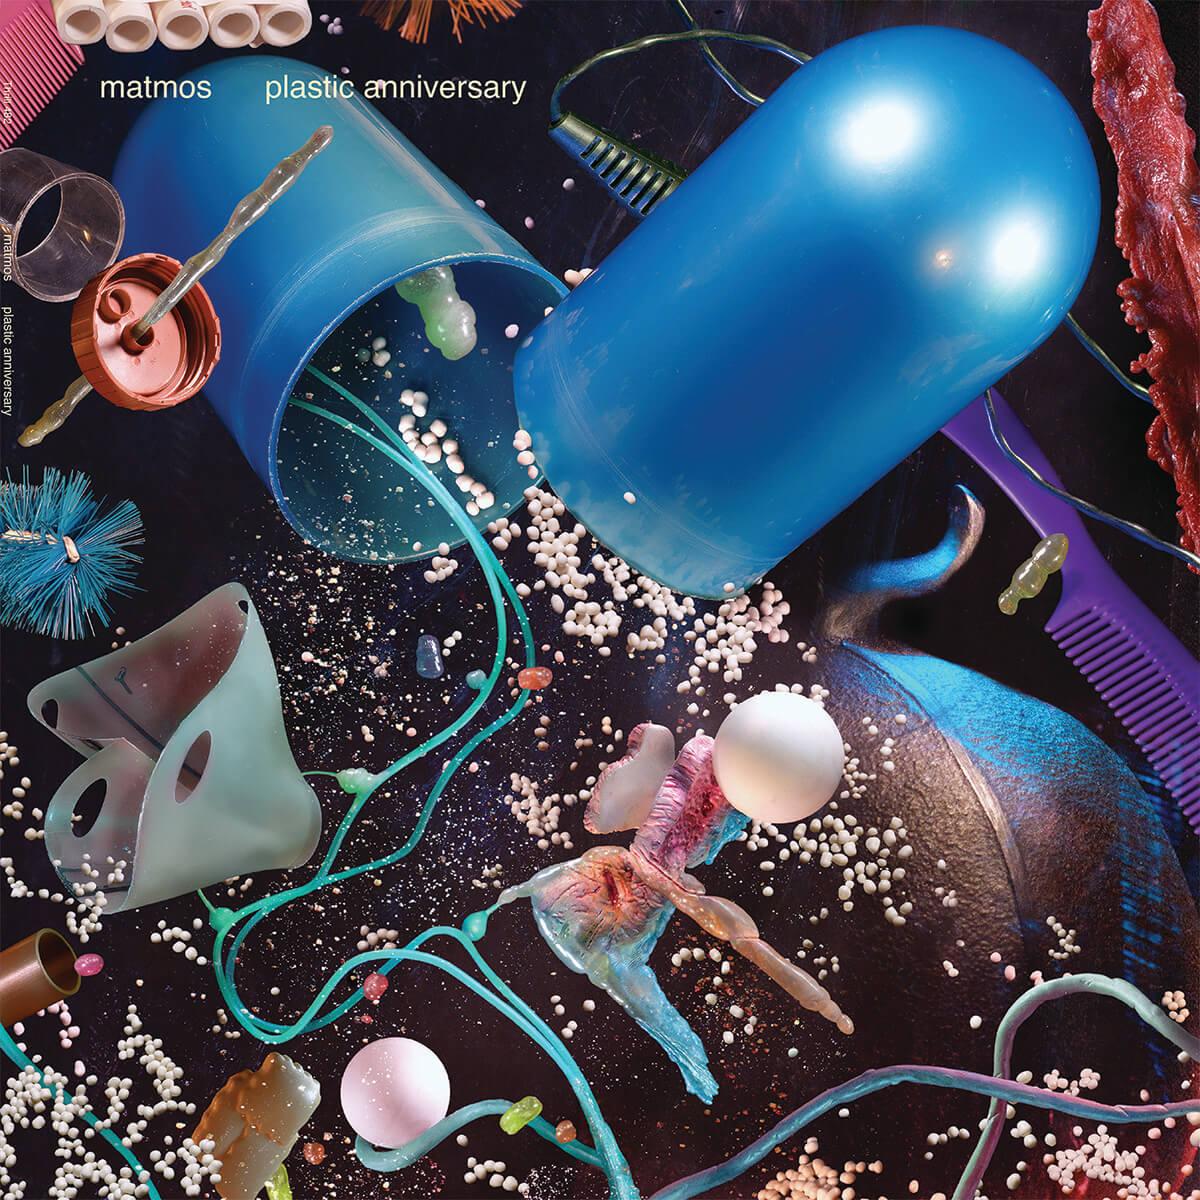 MAR-2019-MUSIC-REVIEWS-MATMOS-ALBUM-ART.jpg#asset:95366